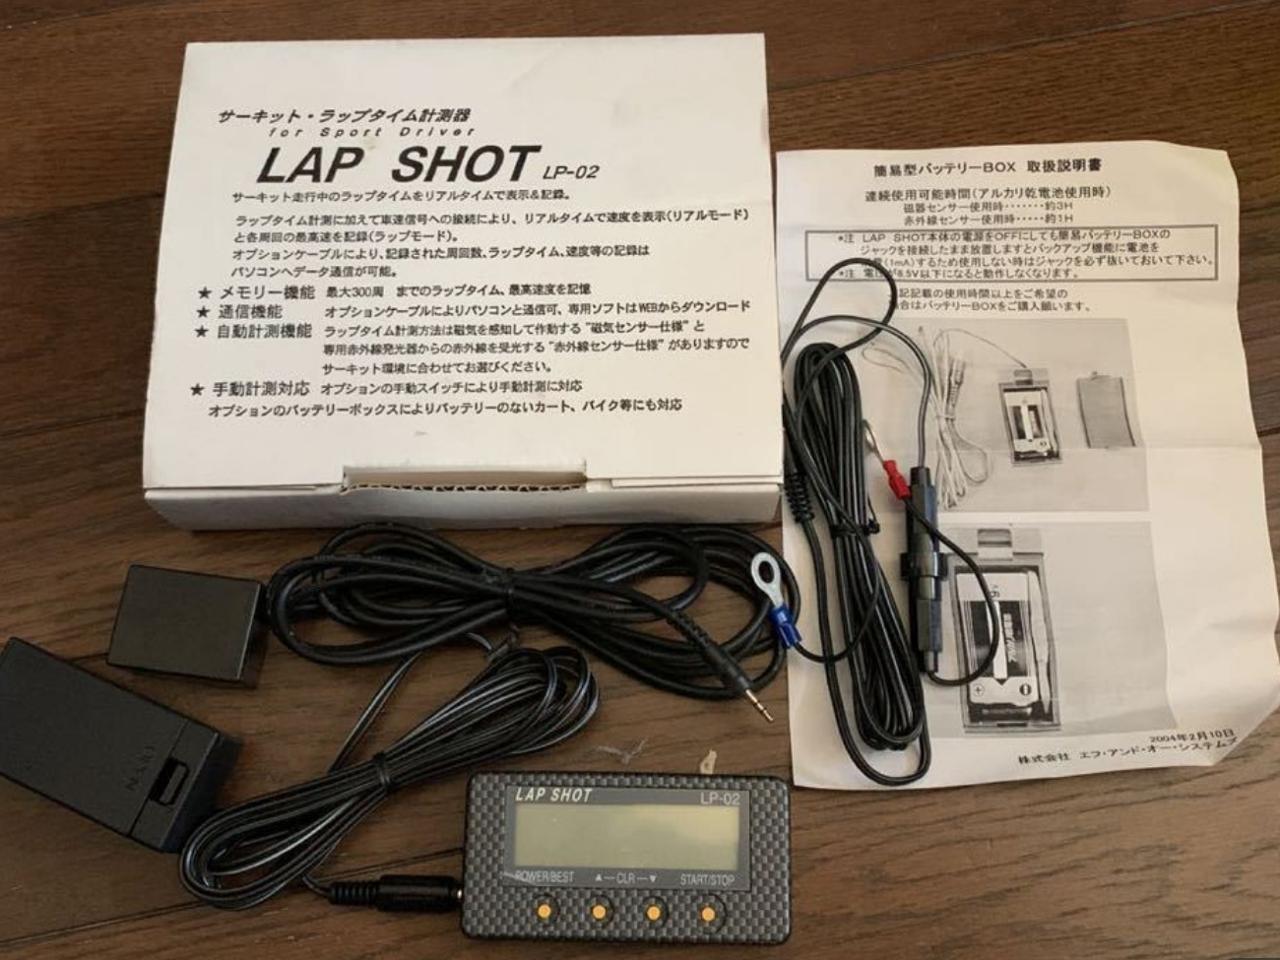 不明 LAP SHOT LP-2